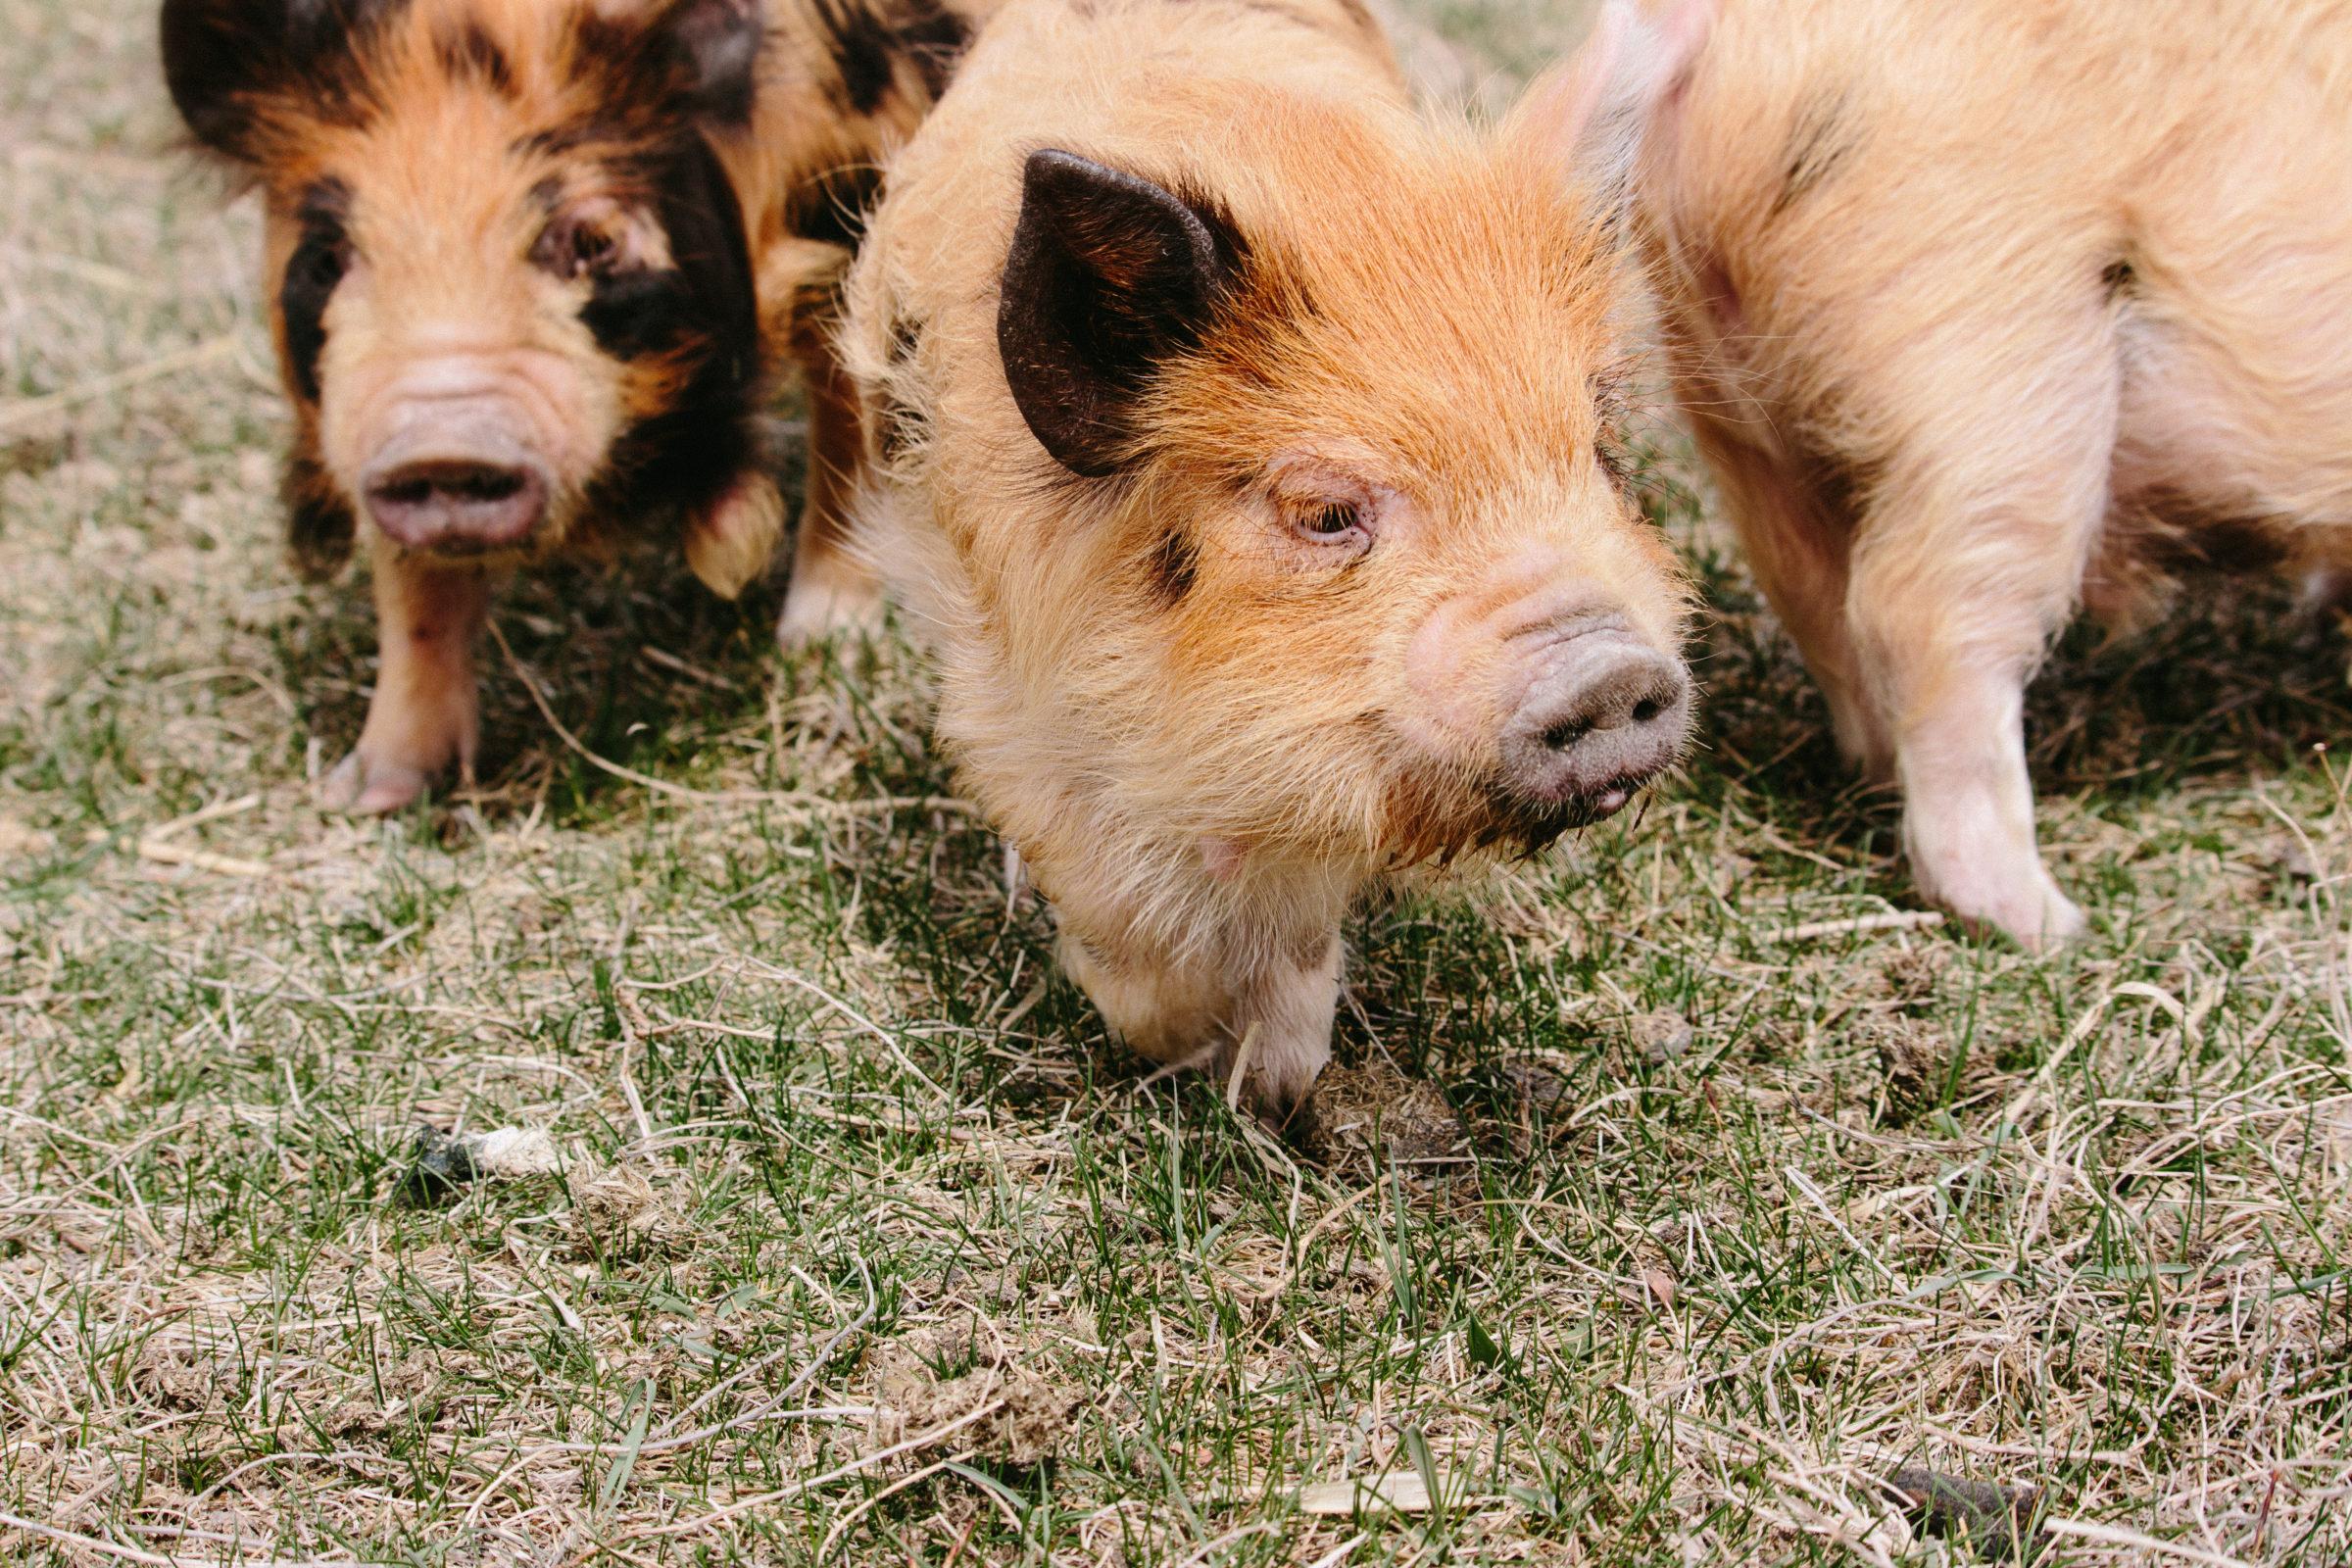 Three kune kune pigs in the pasture